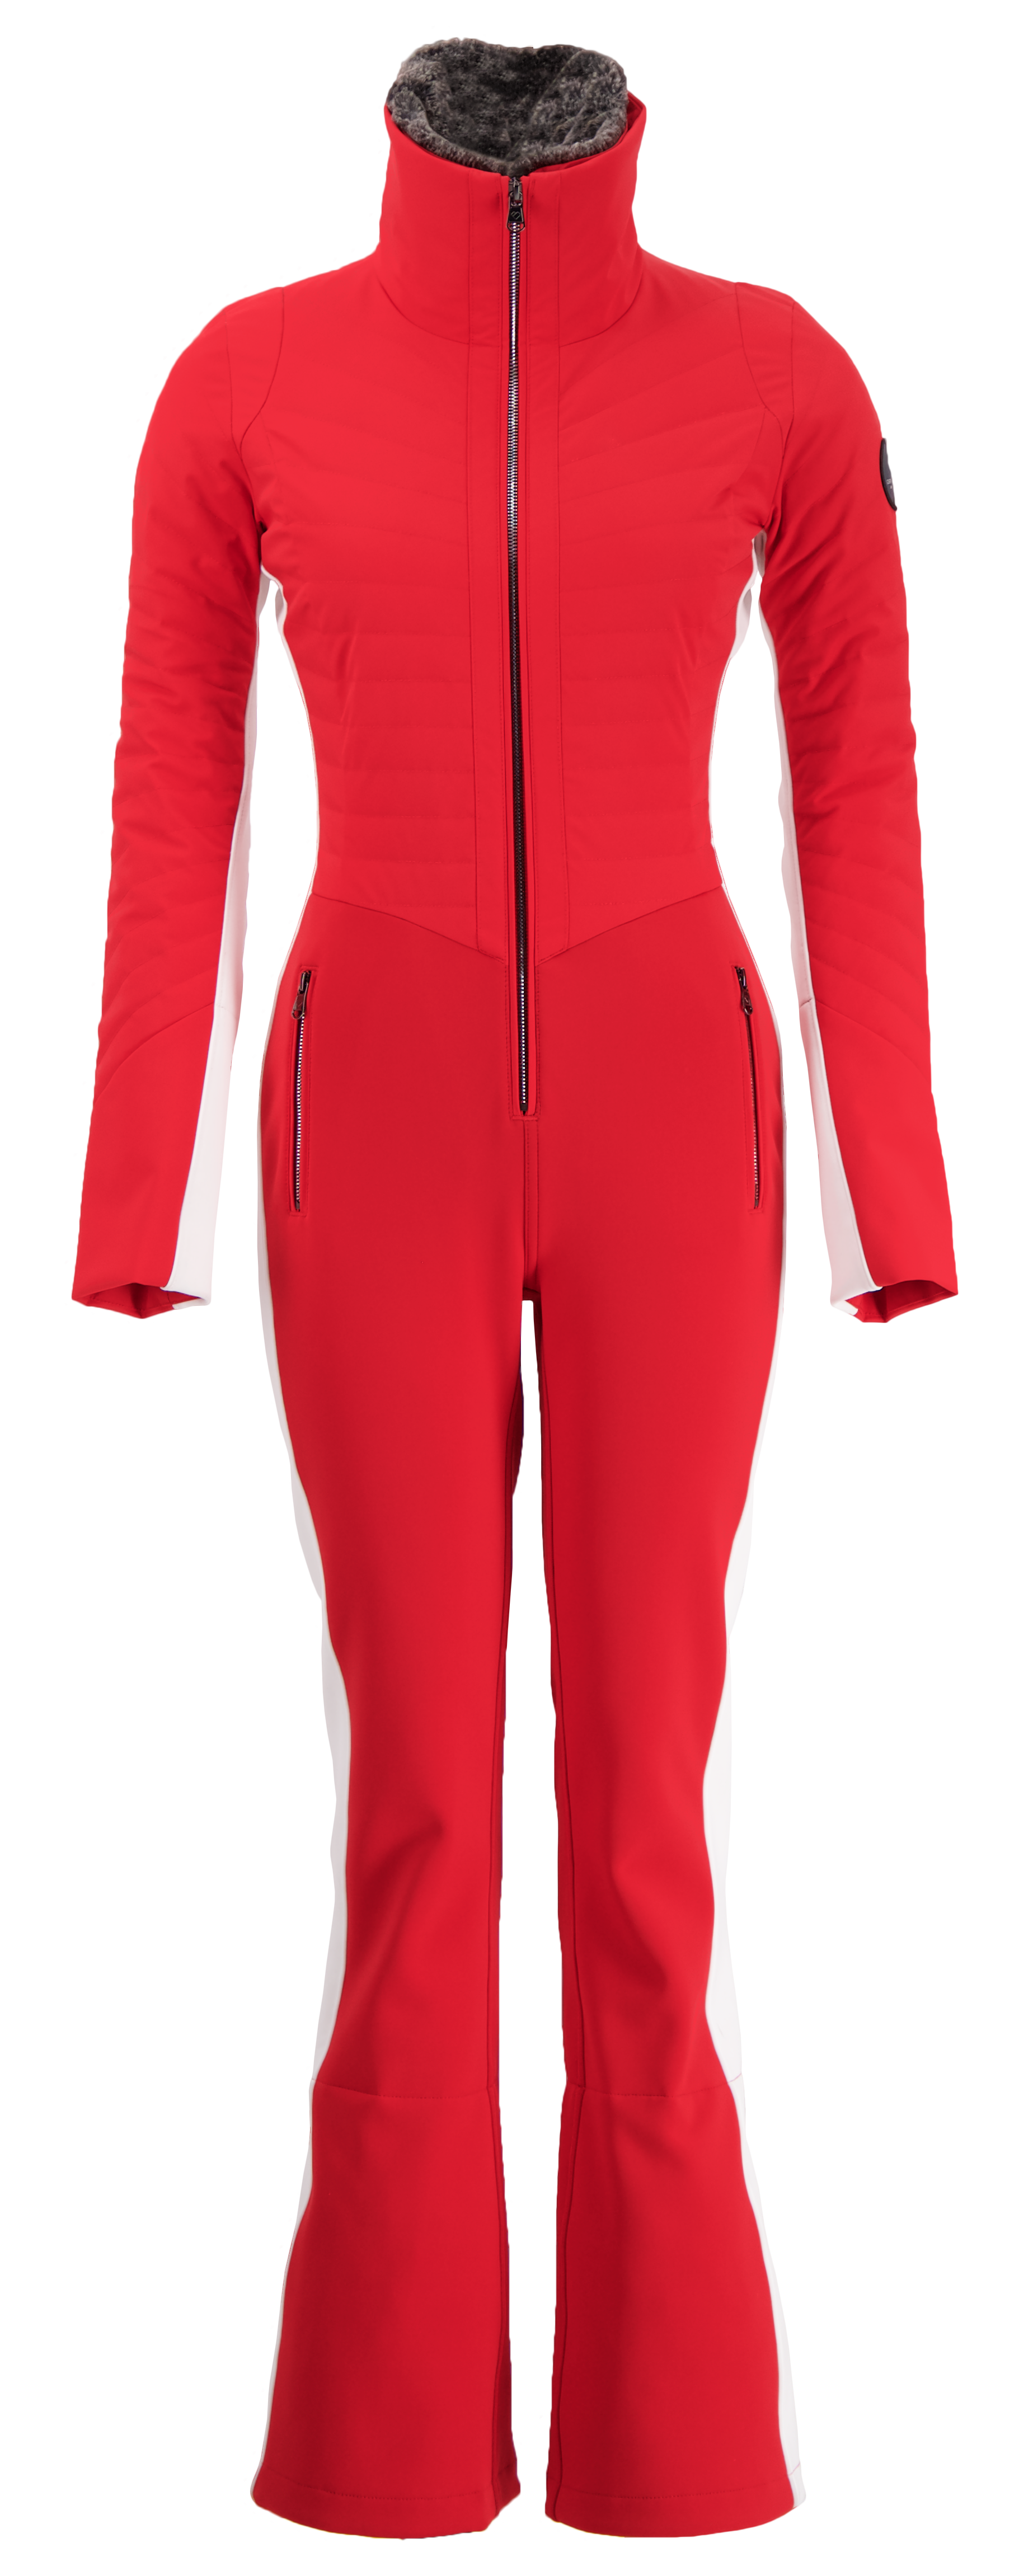 The 2021 Liberty Evolv 90w Women's All-Mountain Ski